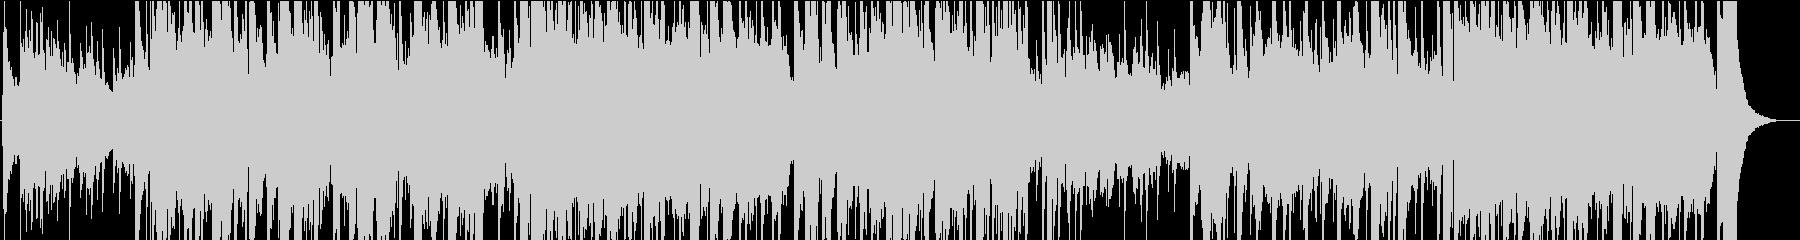 アコギとチェロのゆったりカントリー楽曲の未再生の波形